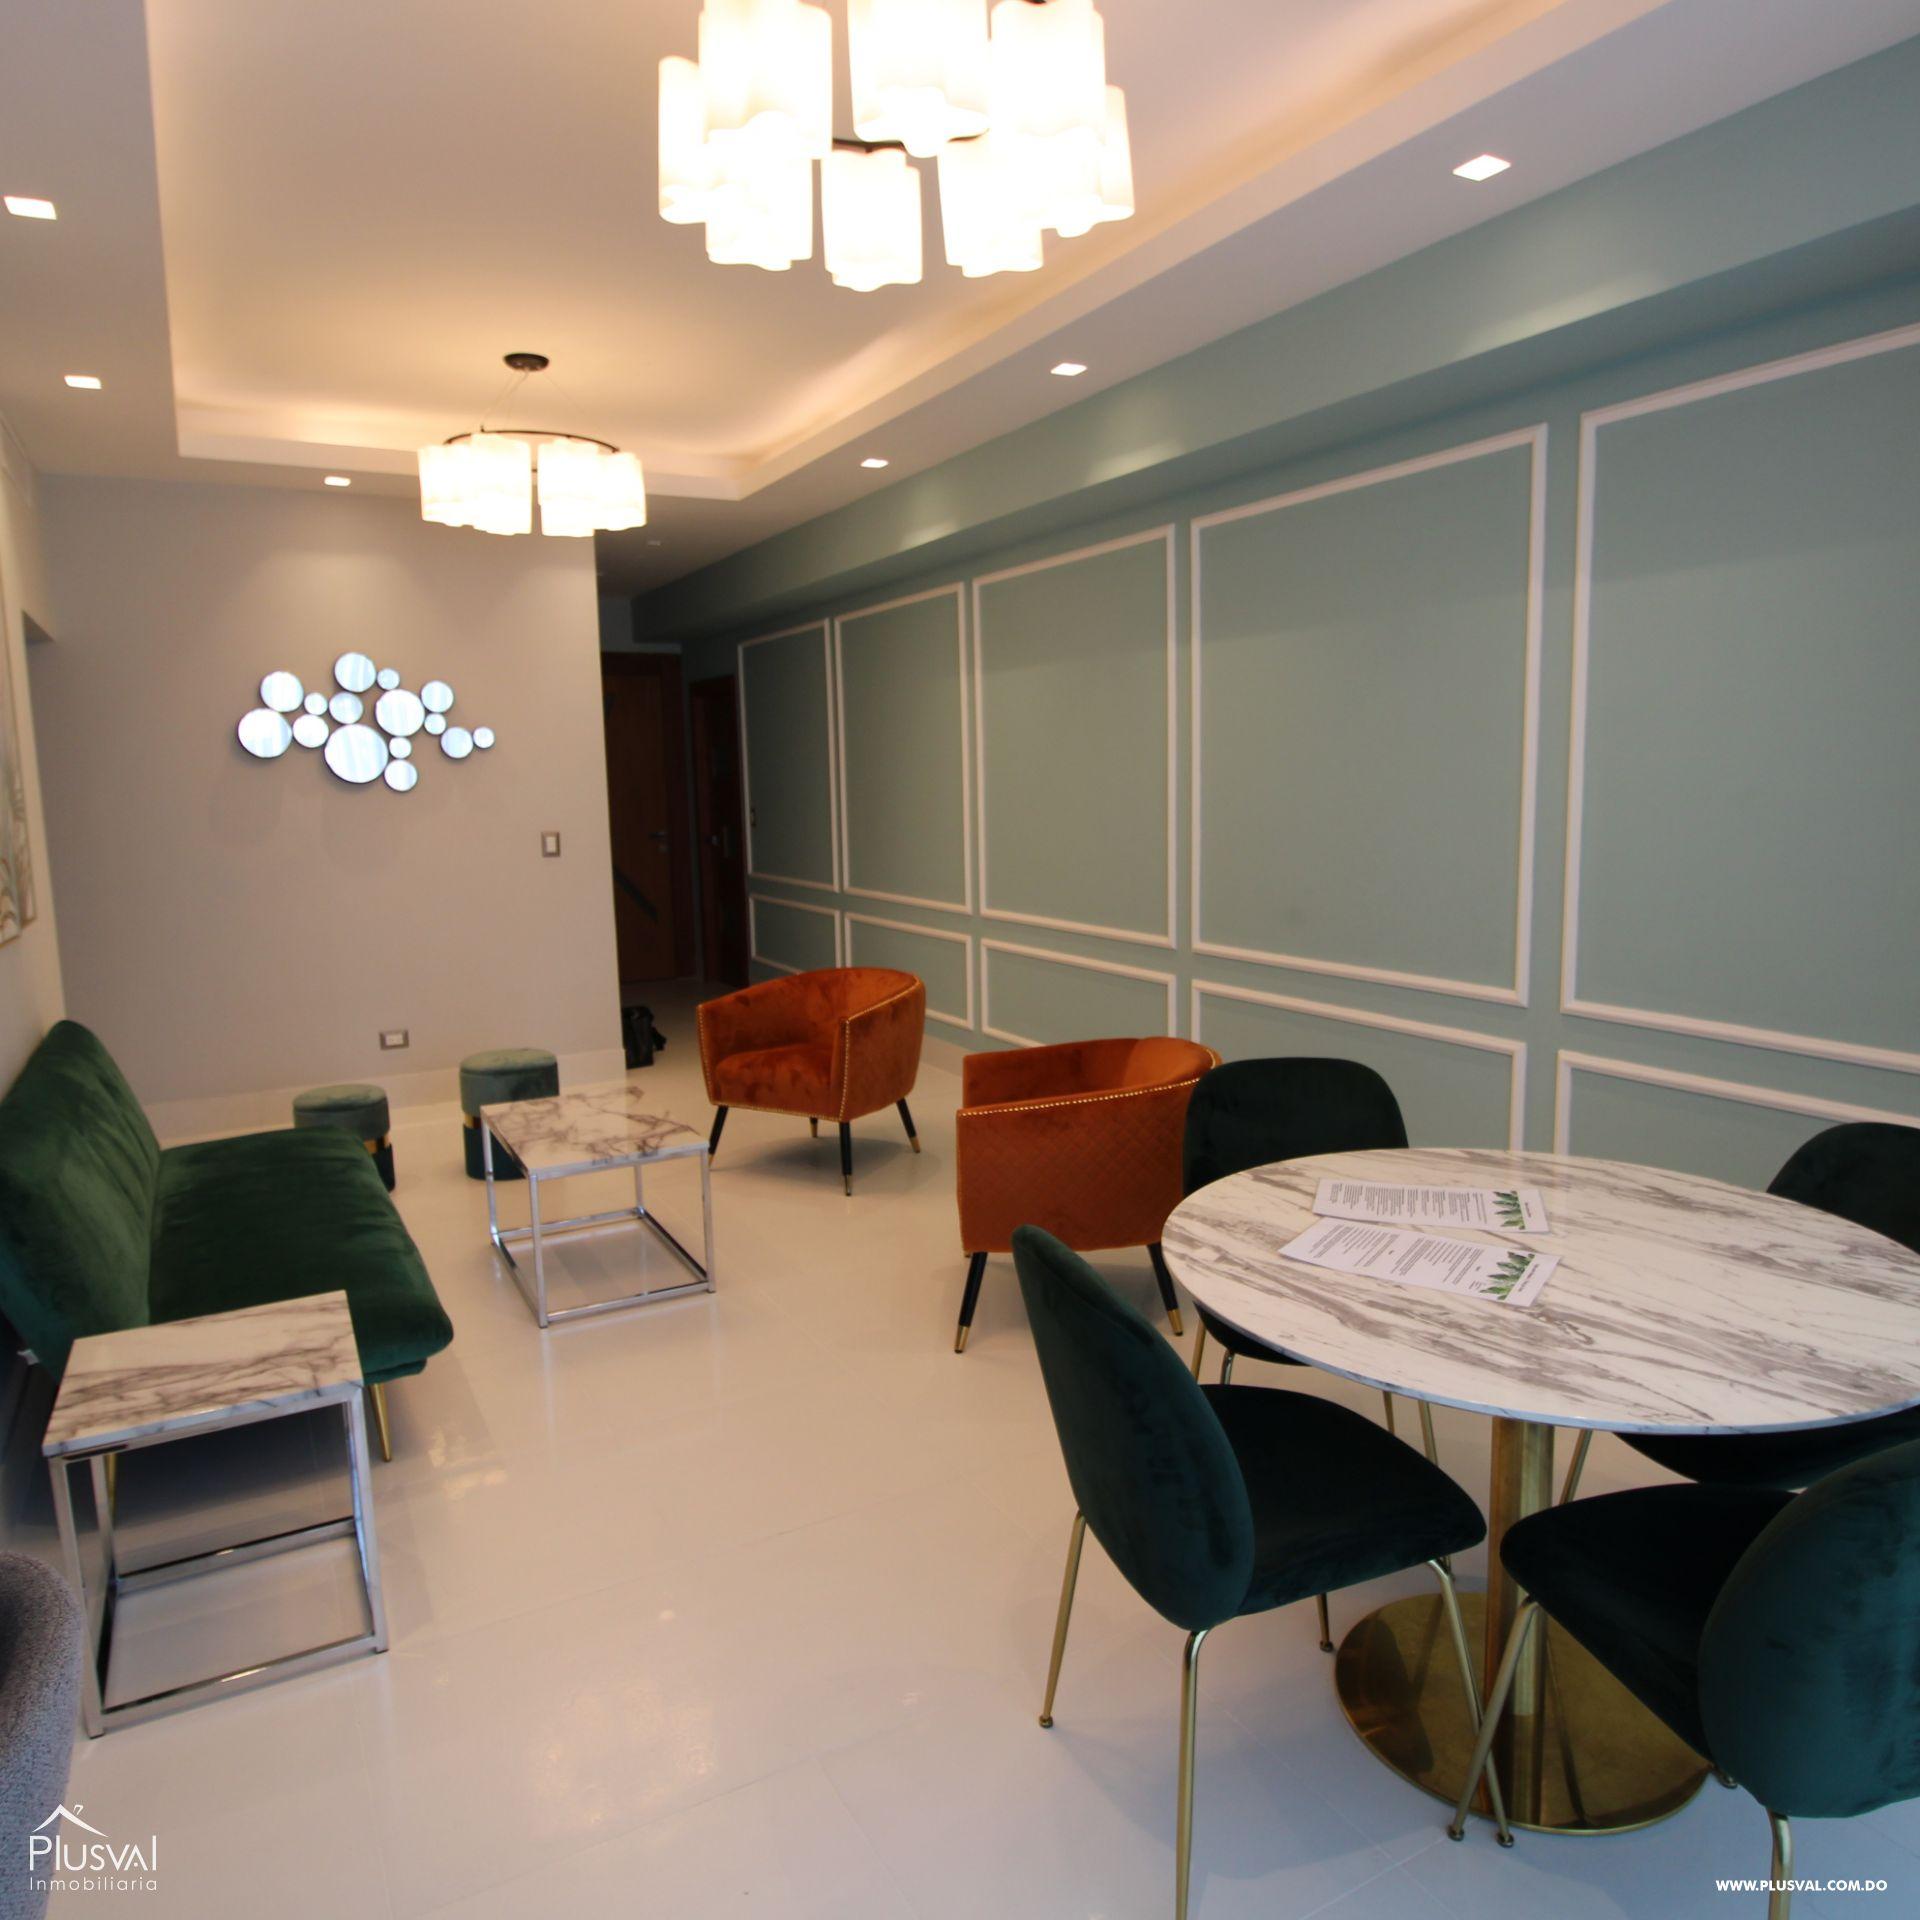 Apartamento en alquiler con linea blanca, Piantini